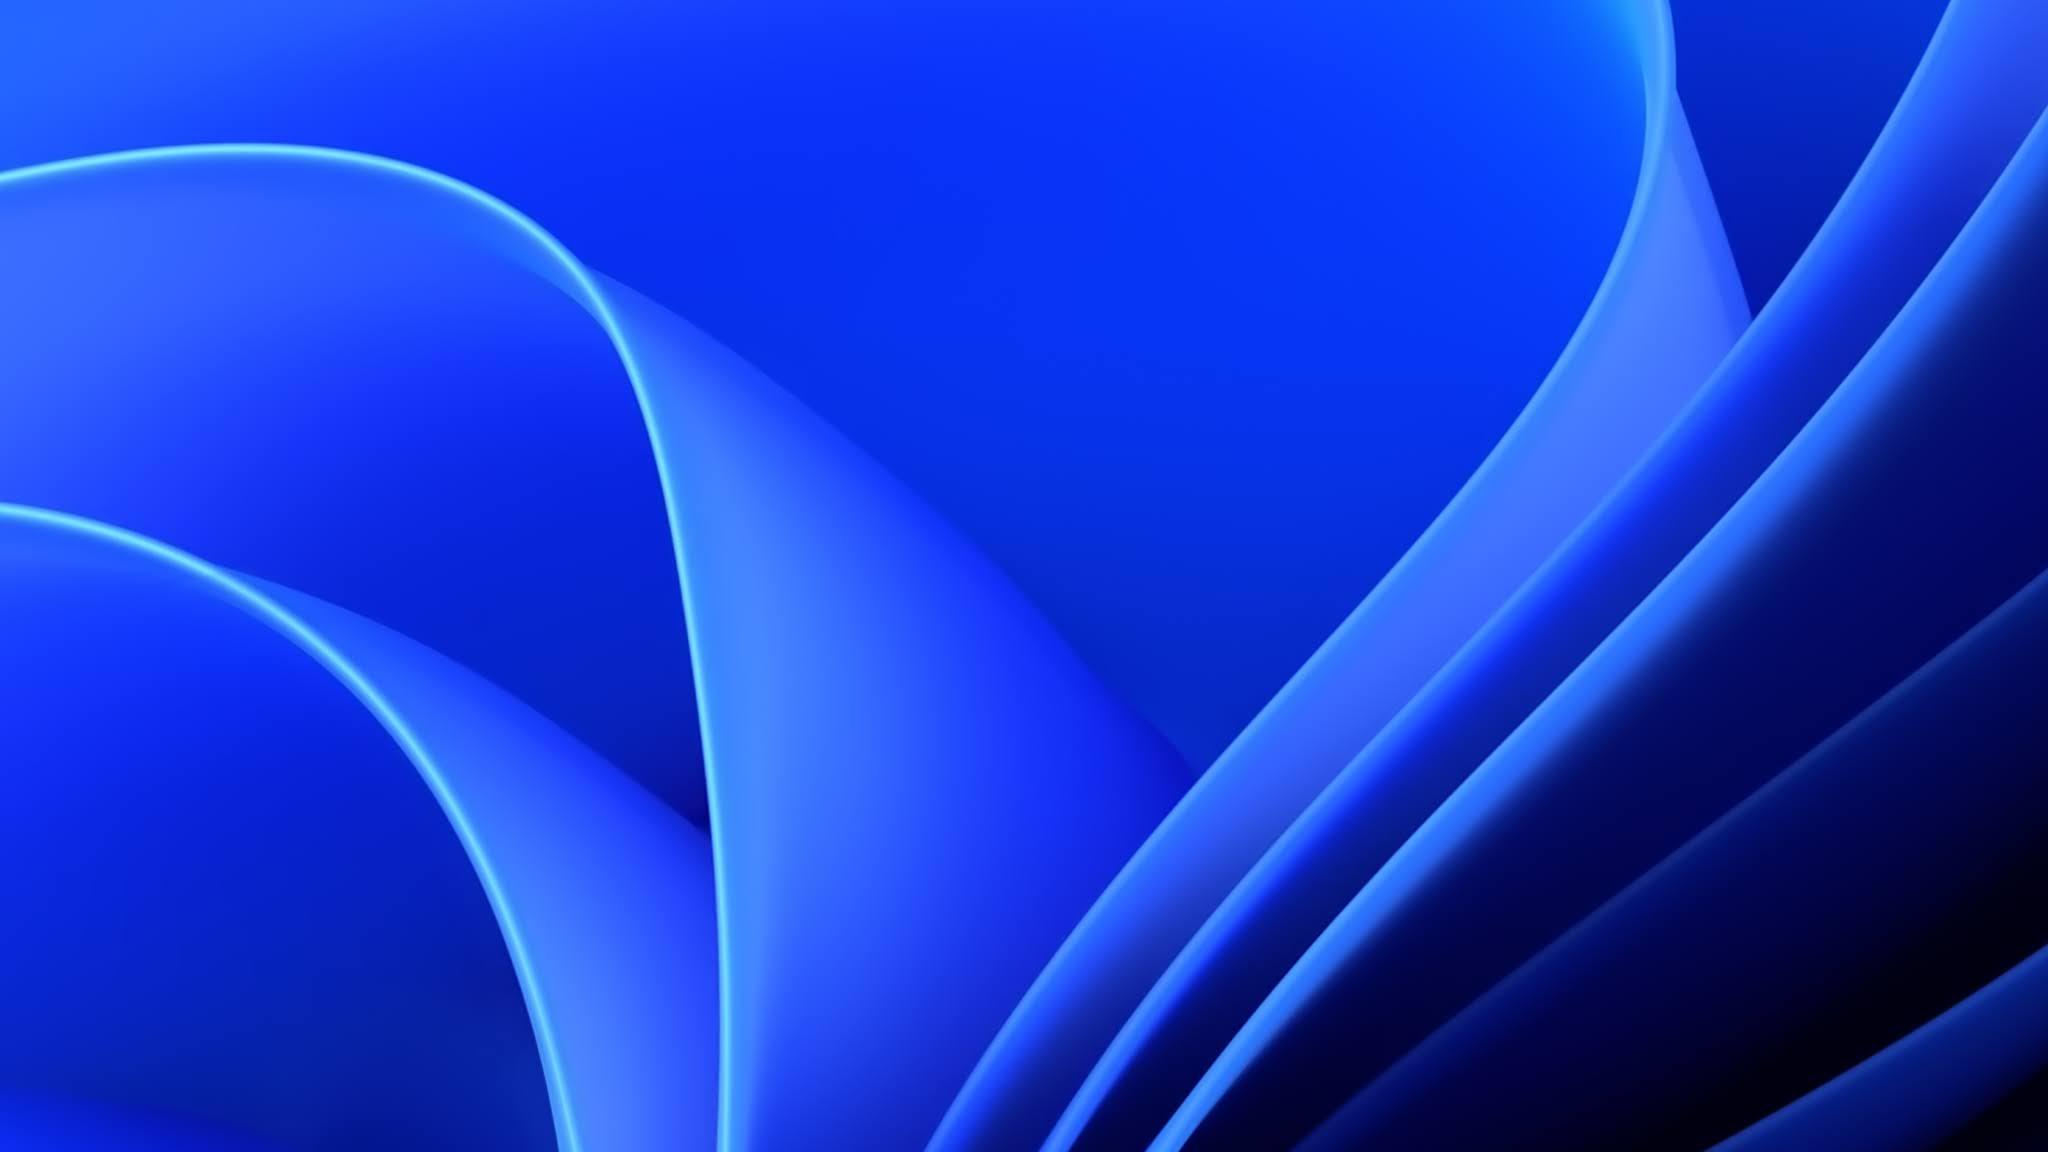 hình nền mặc định trên Windows 11 với độ phân giải cao